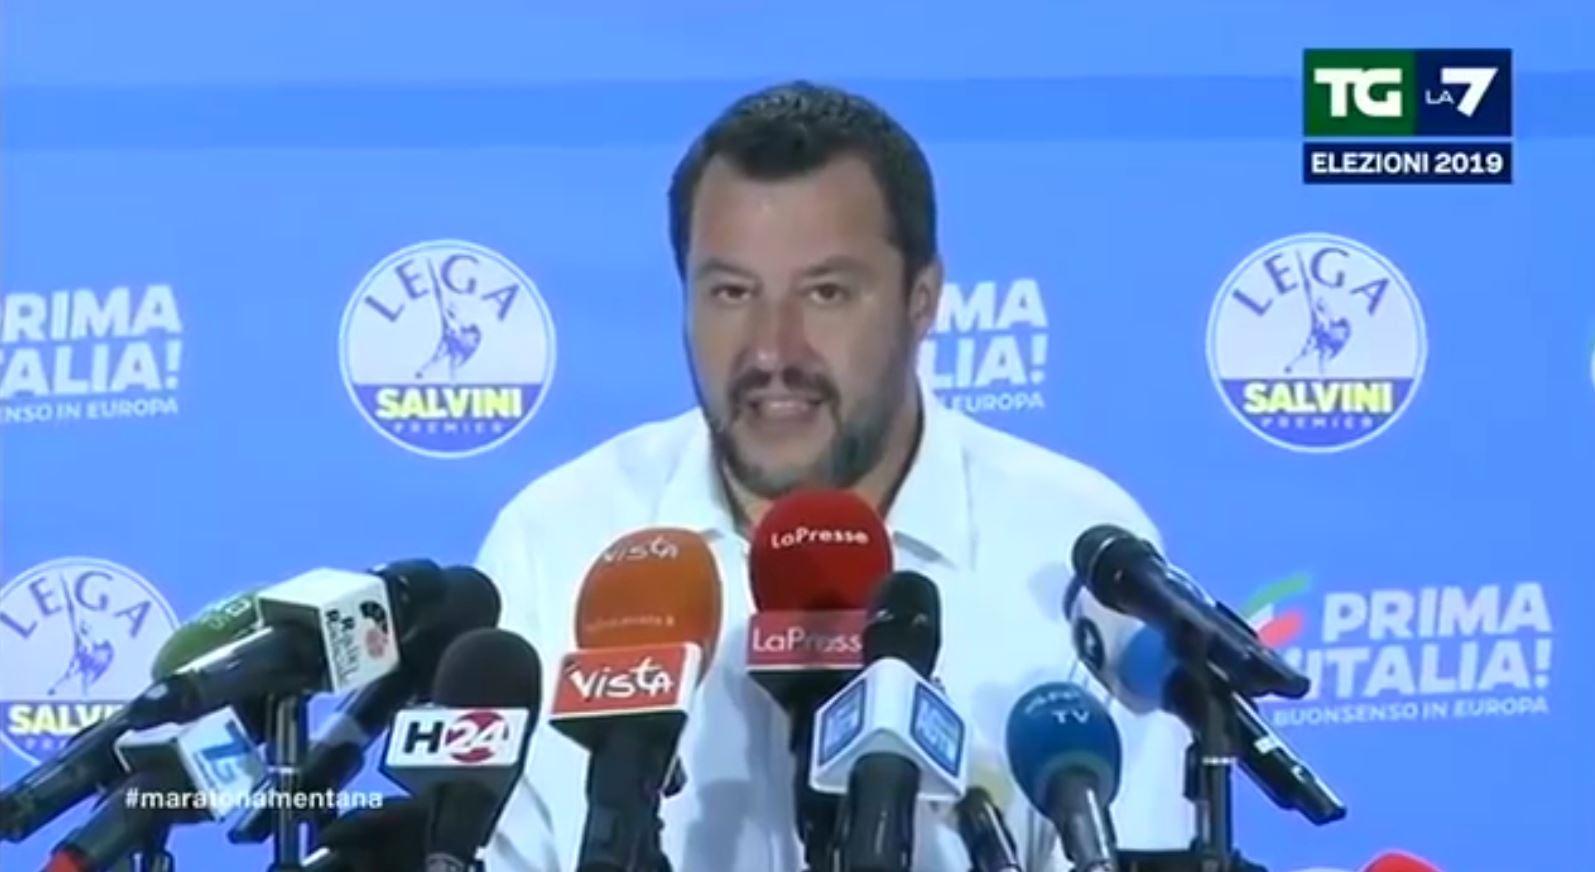 Itali, Salvini përjashton zgjedhjet e parakohshme